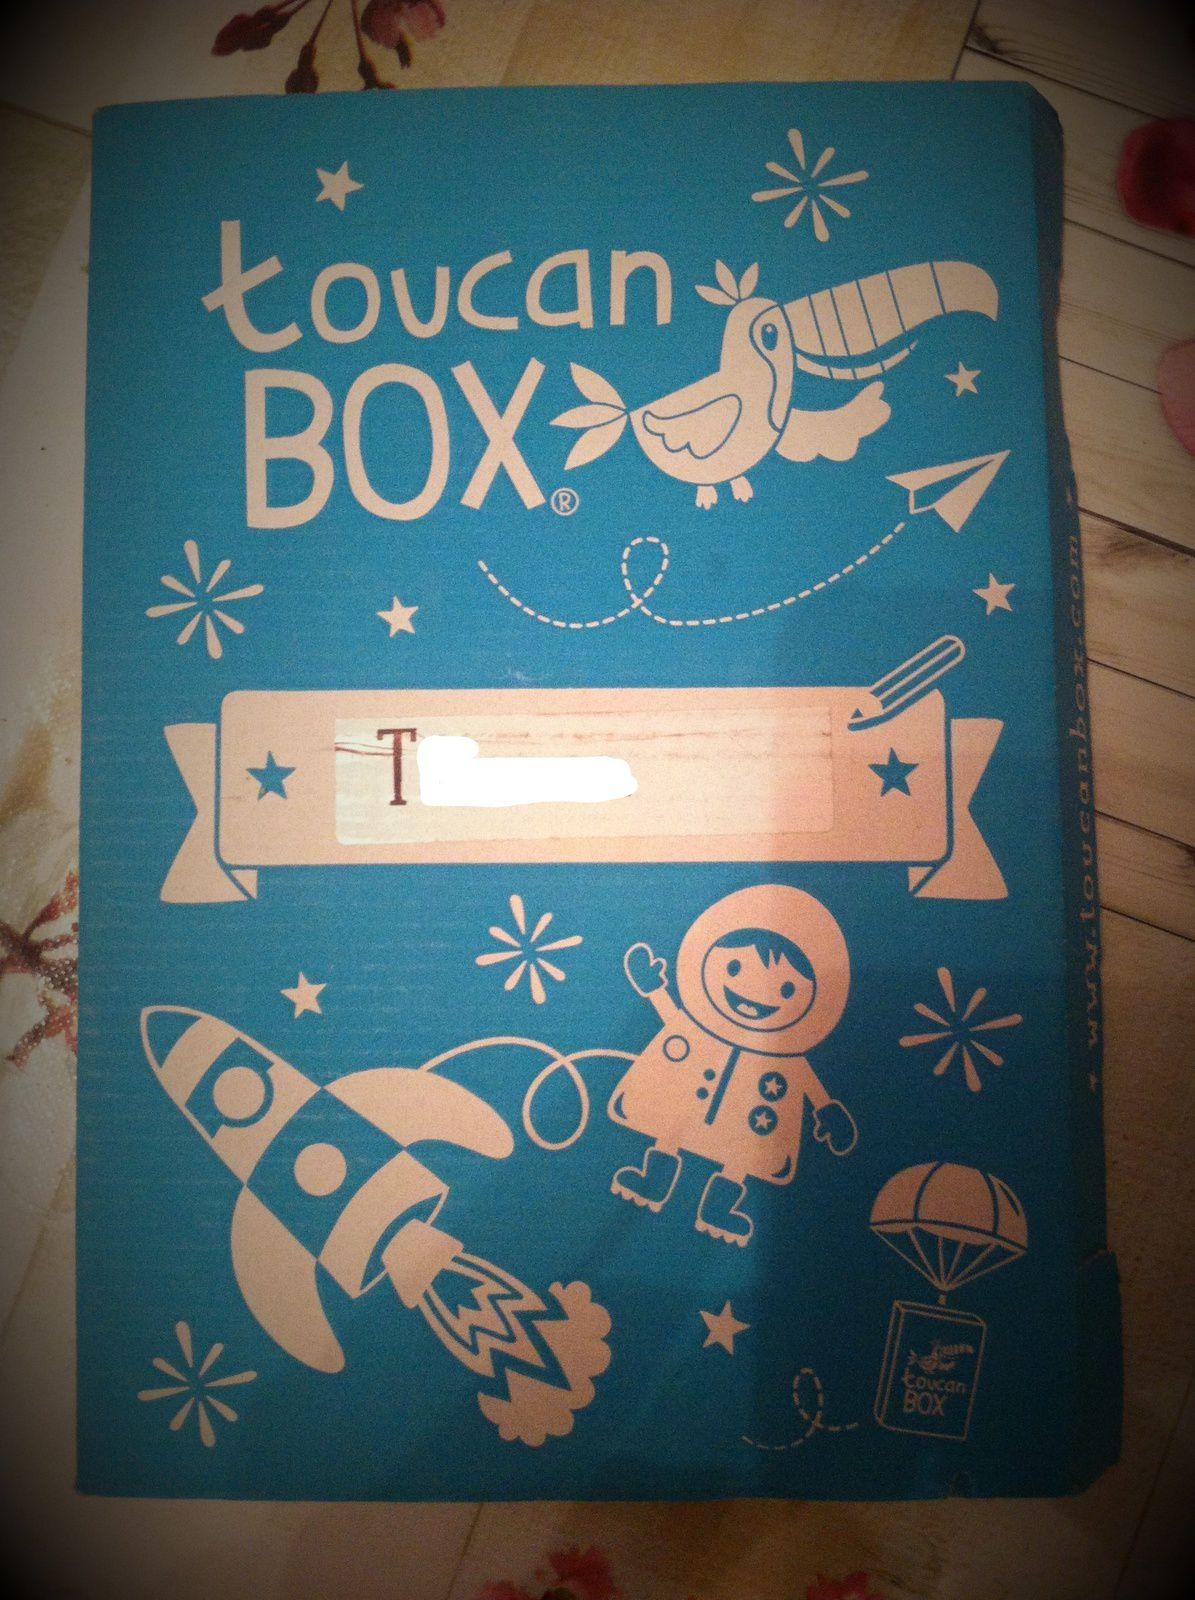 découverte box enfant # toucan box